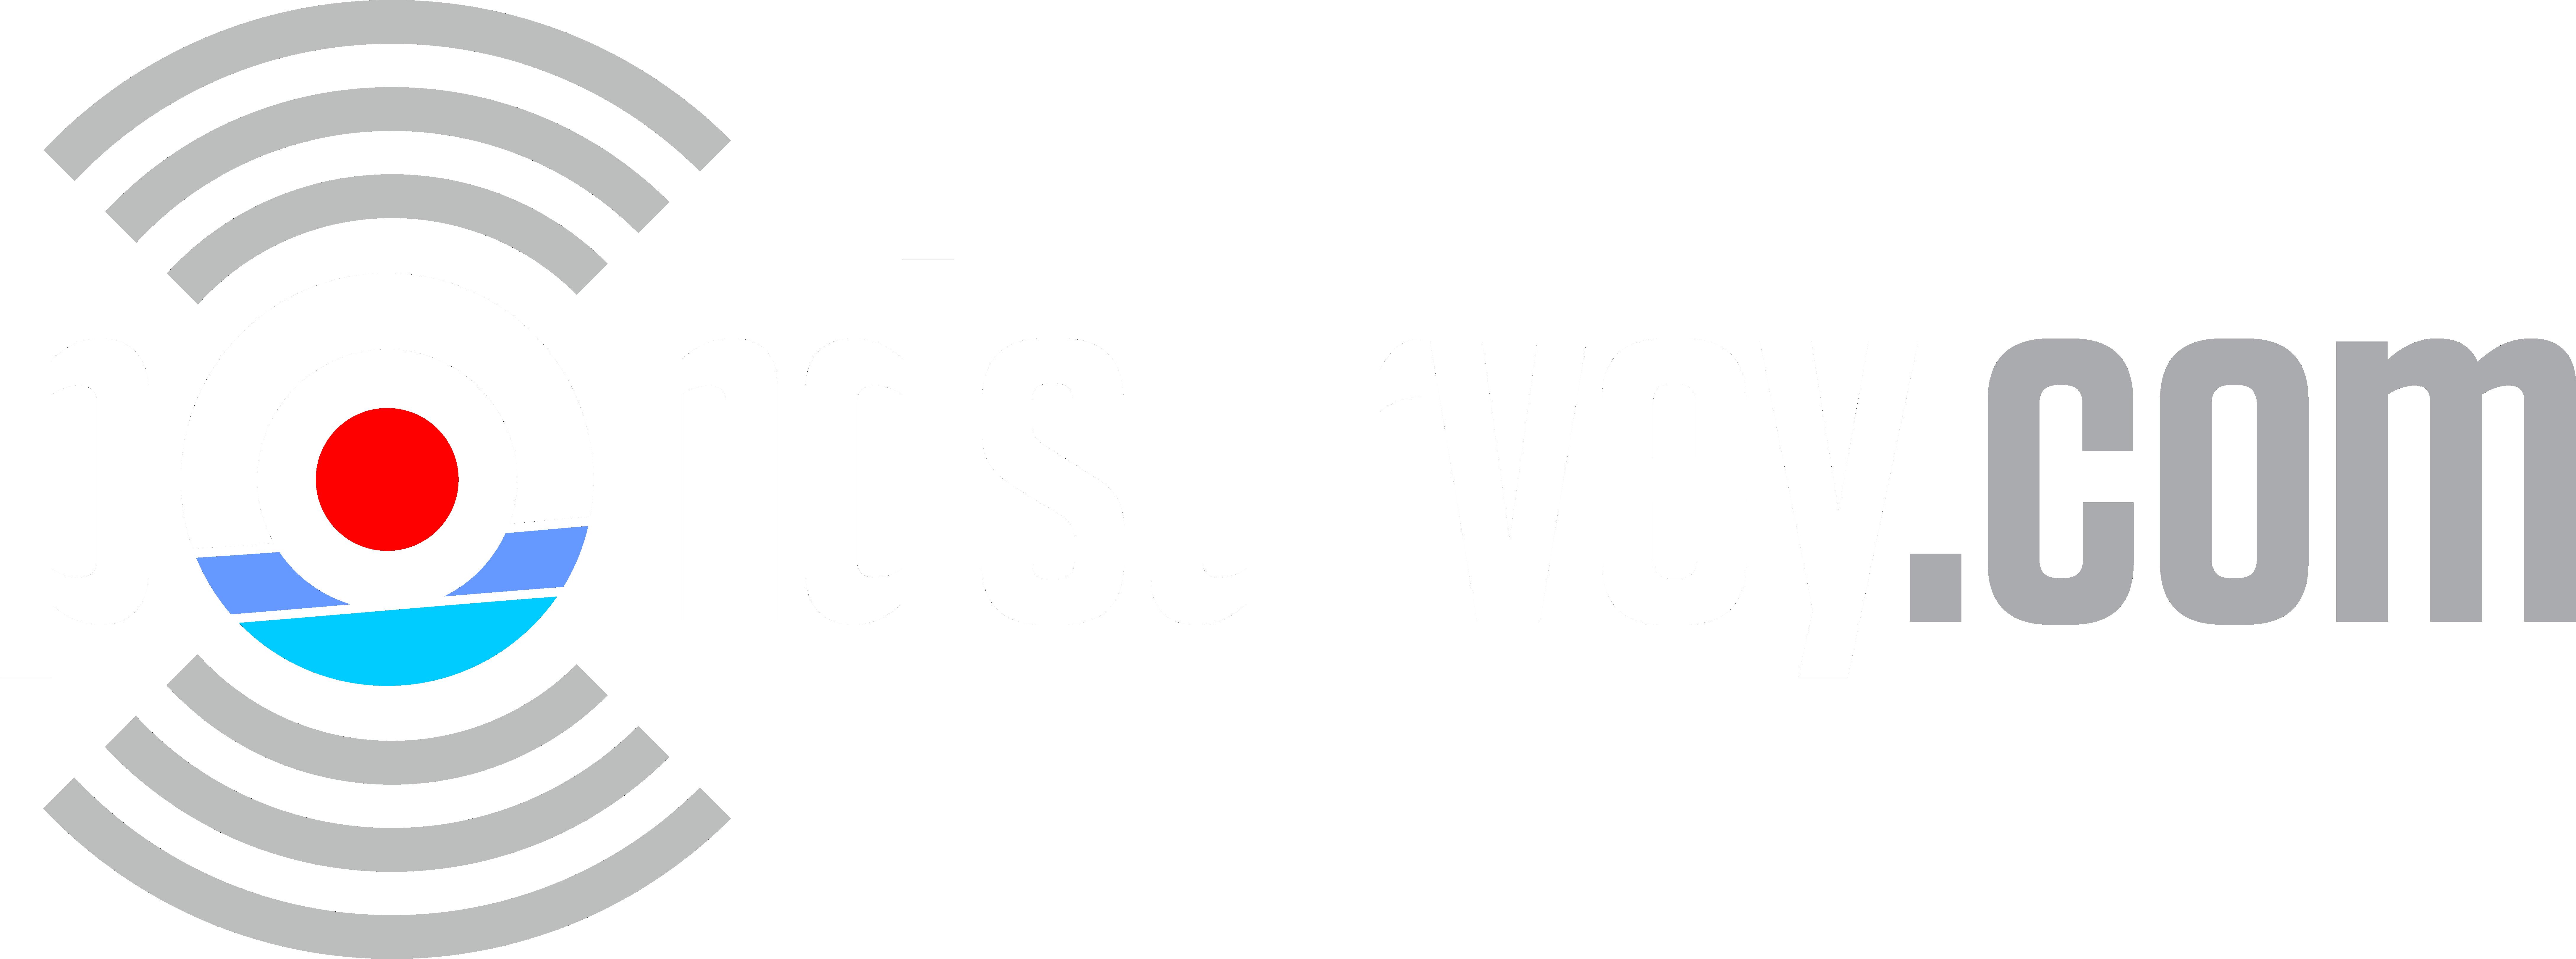 Pondsurvey - Data in depth